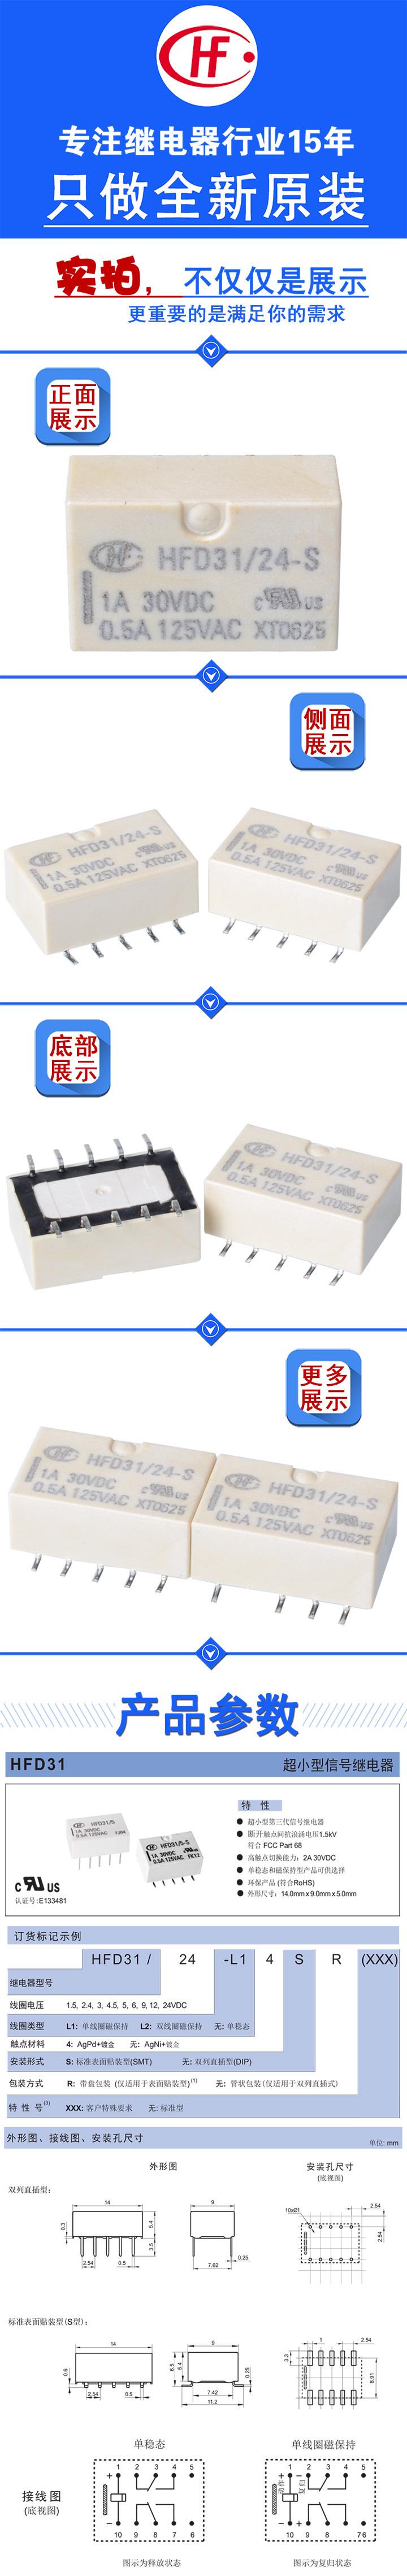 HFD31-24-S-720_01